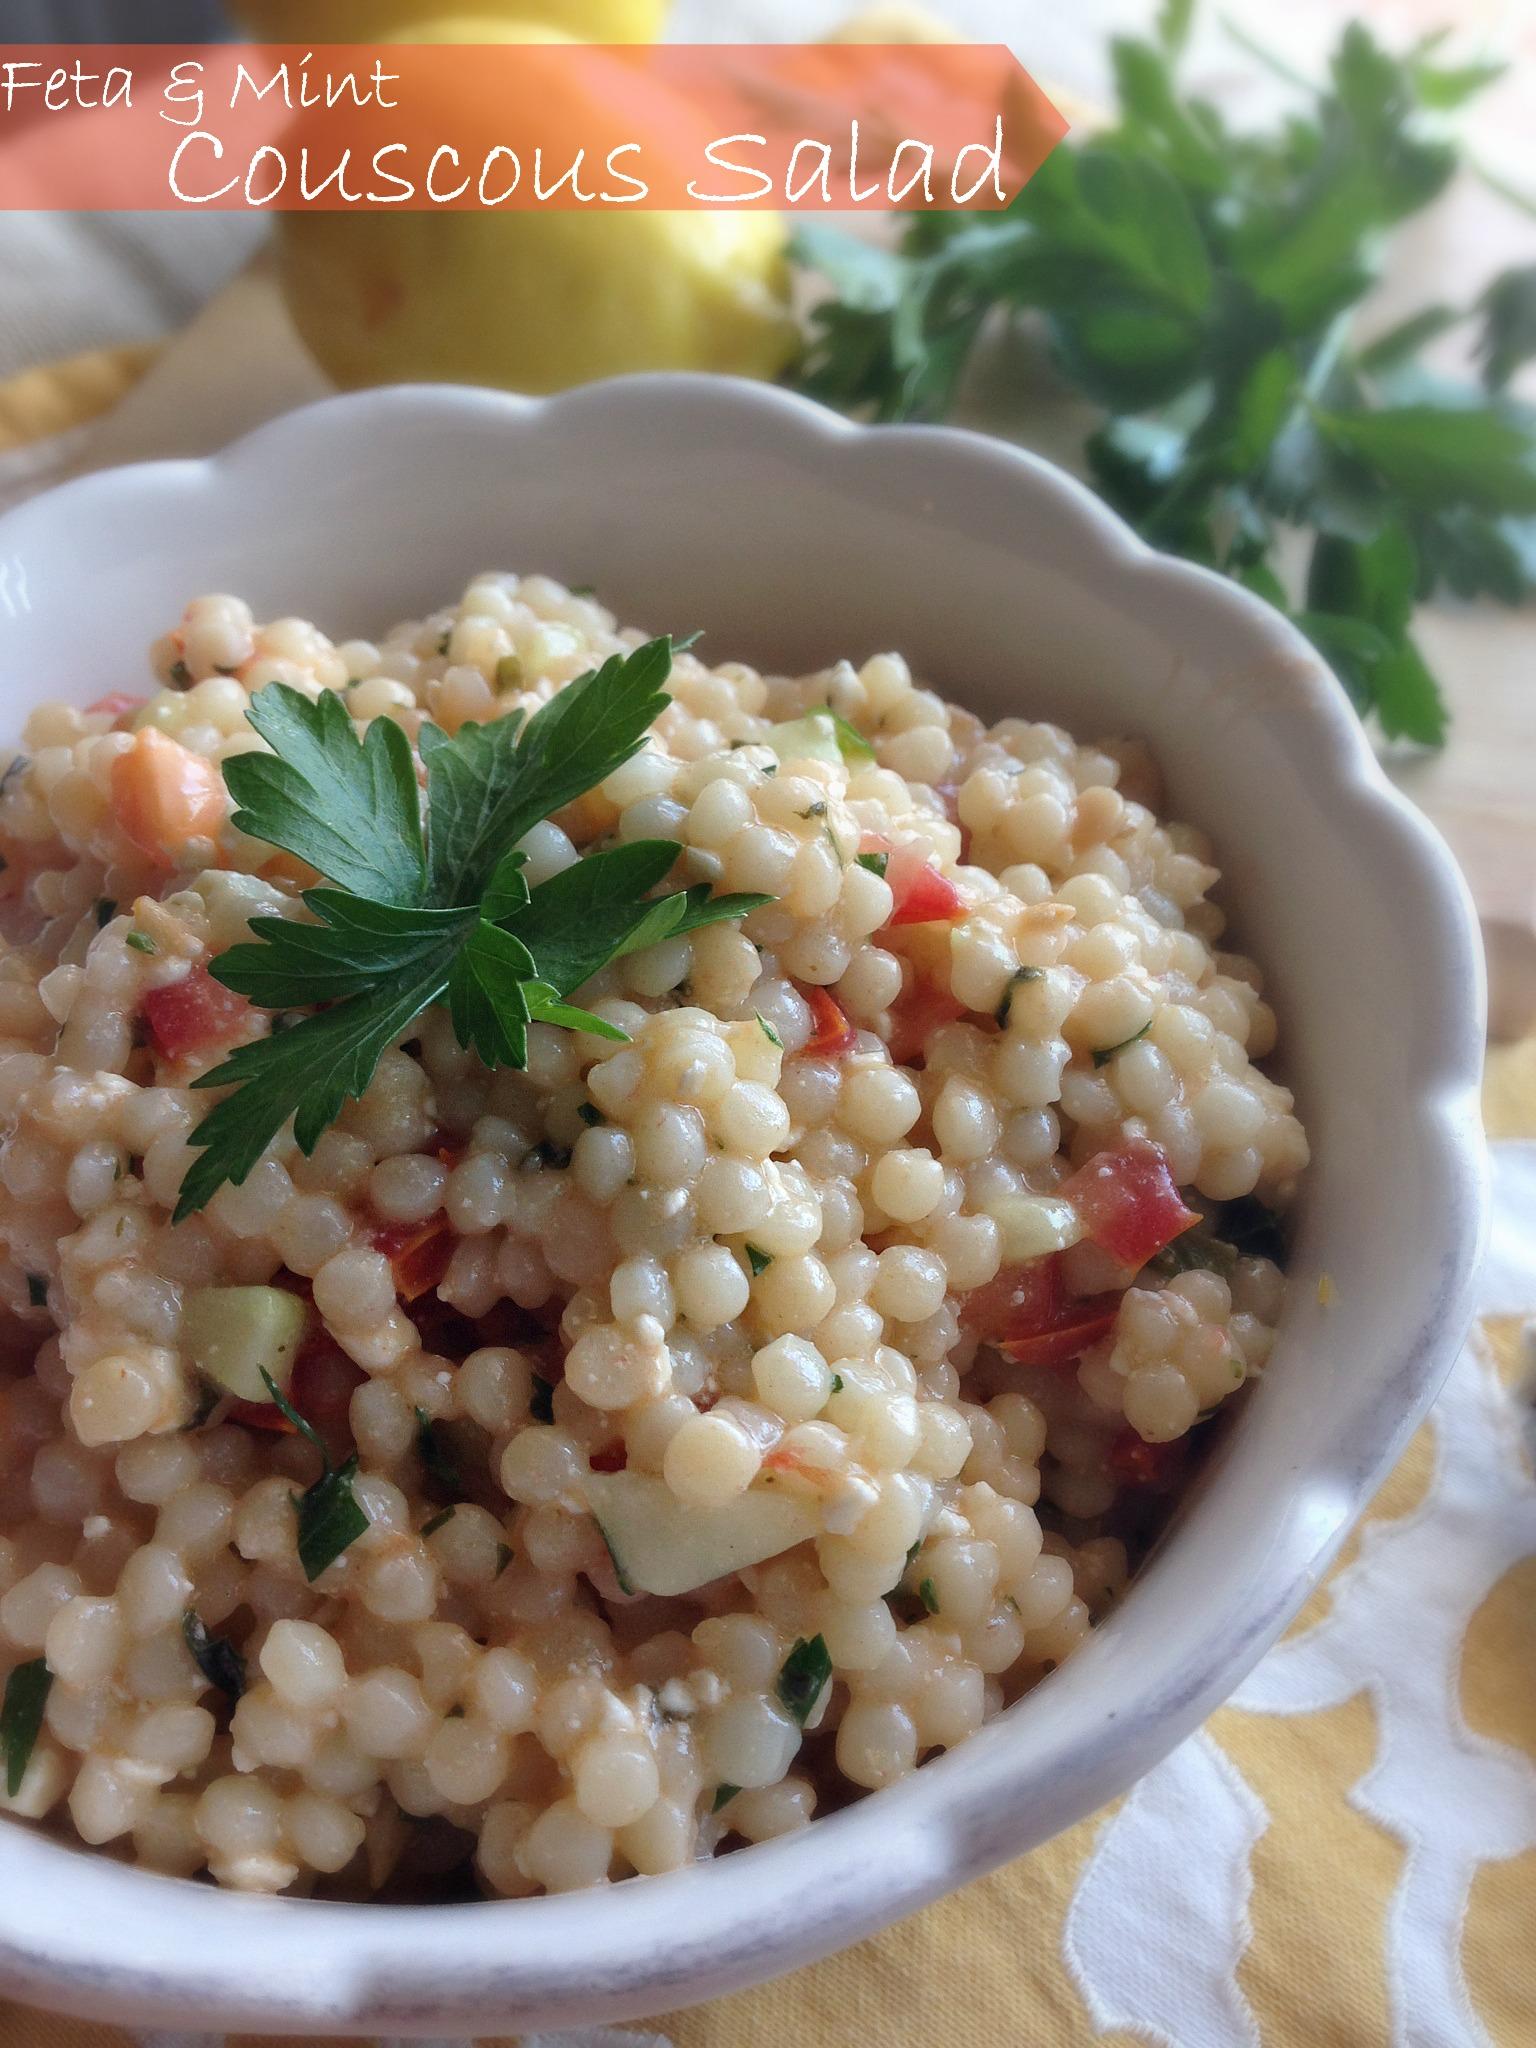 Feta & Mint Couscous Salad